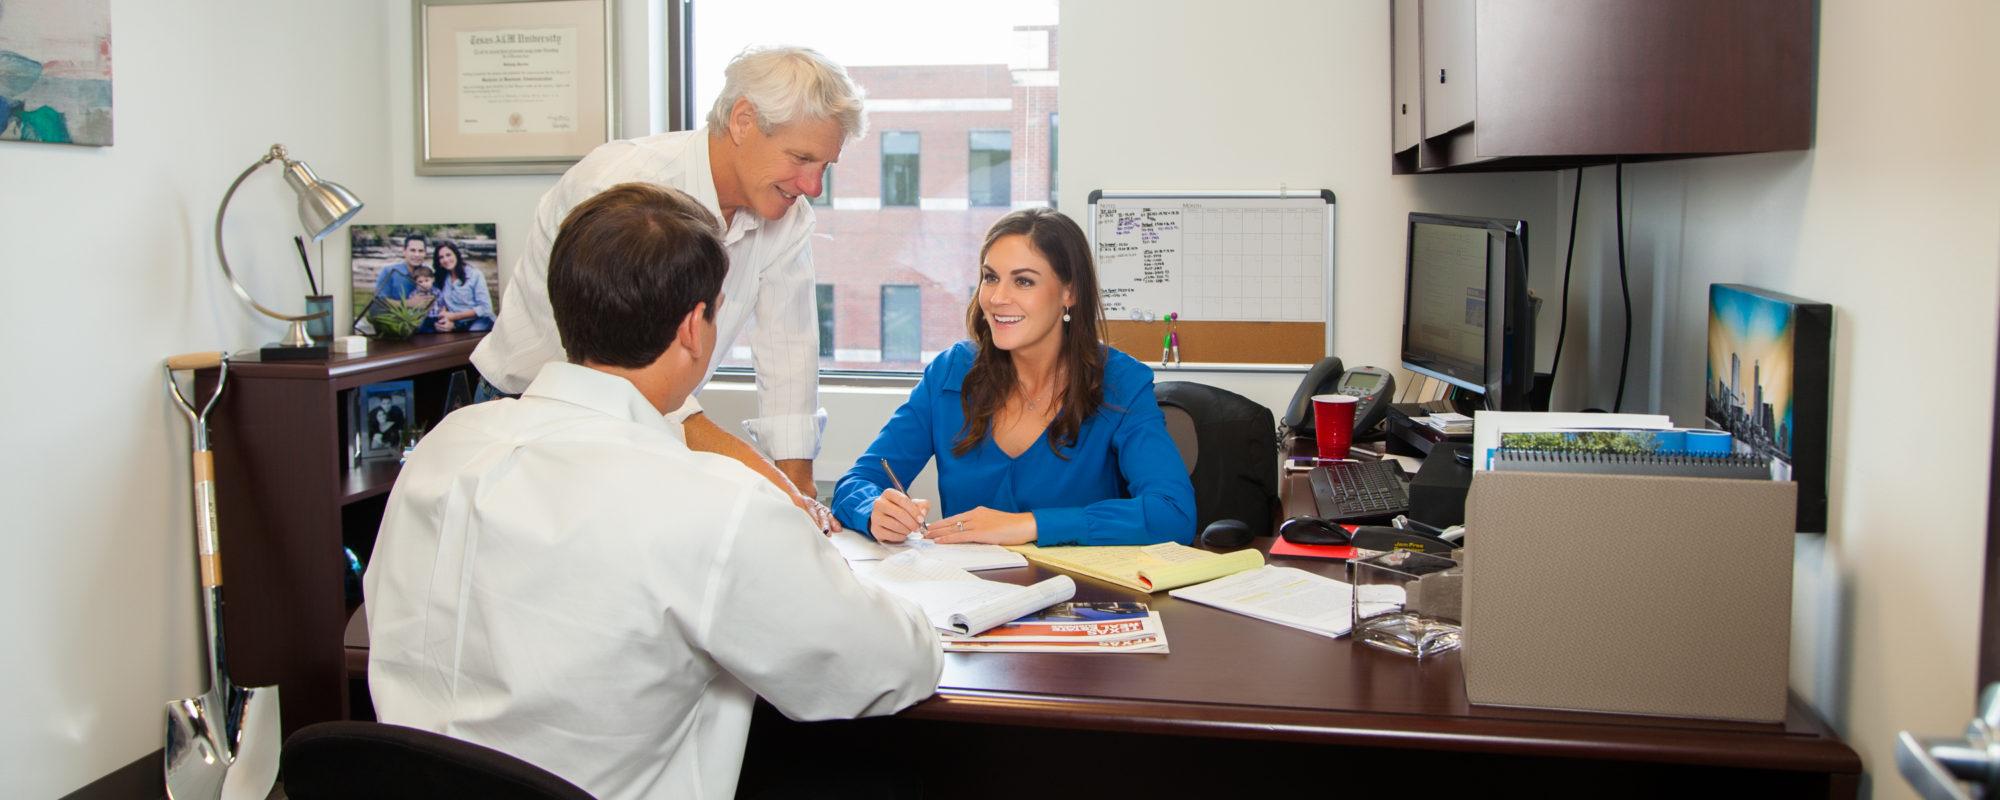 AQUILA's Project Leasing Brokers   Seth Stuart, Bart Matheney, Bethany Perez